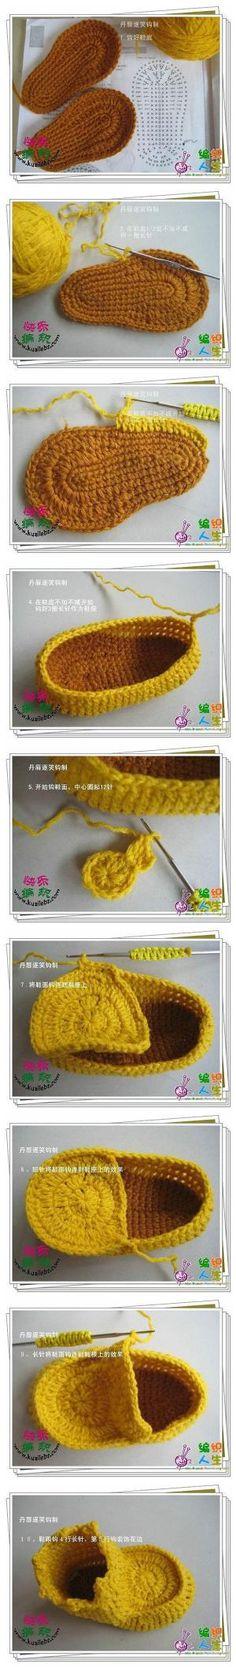 adorable crochet booties tutorial! by jantien